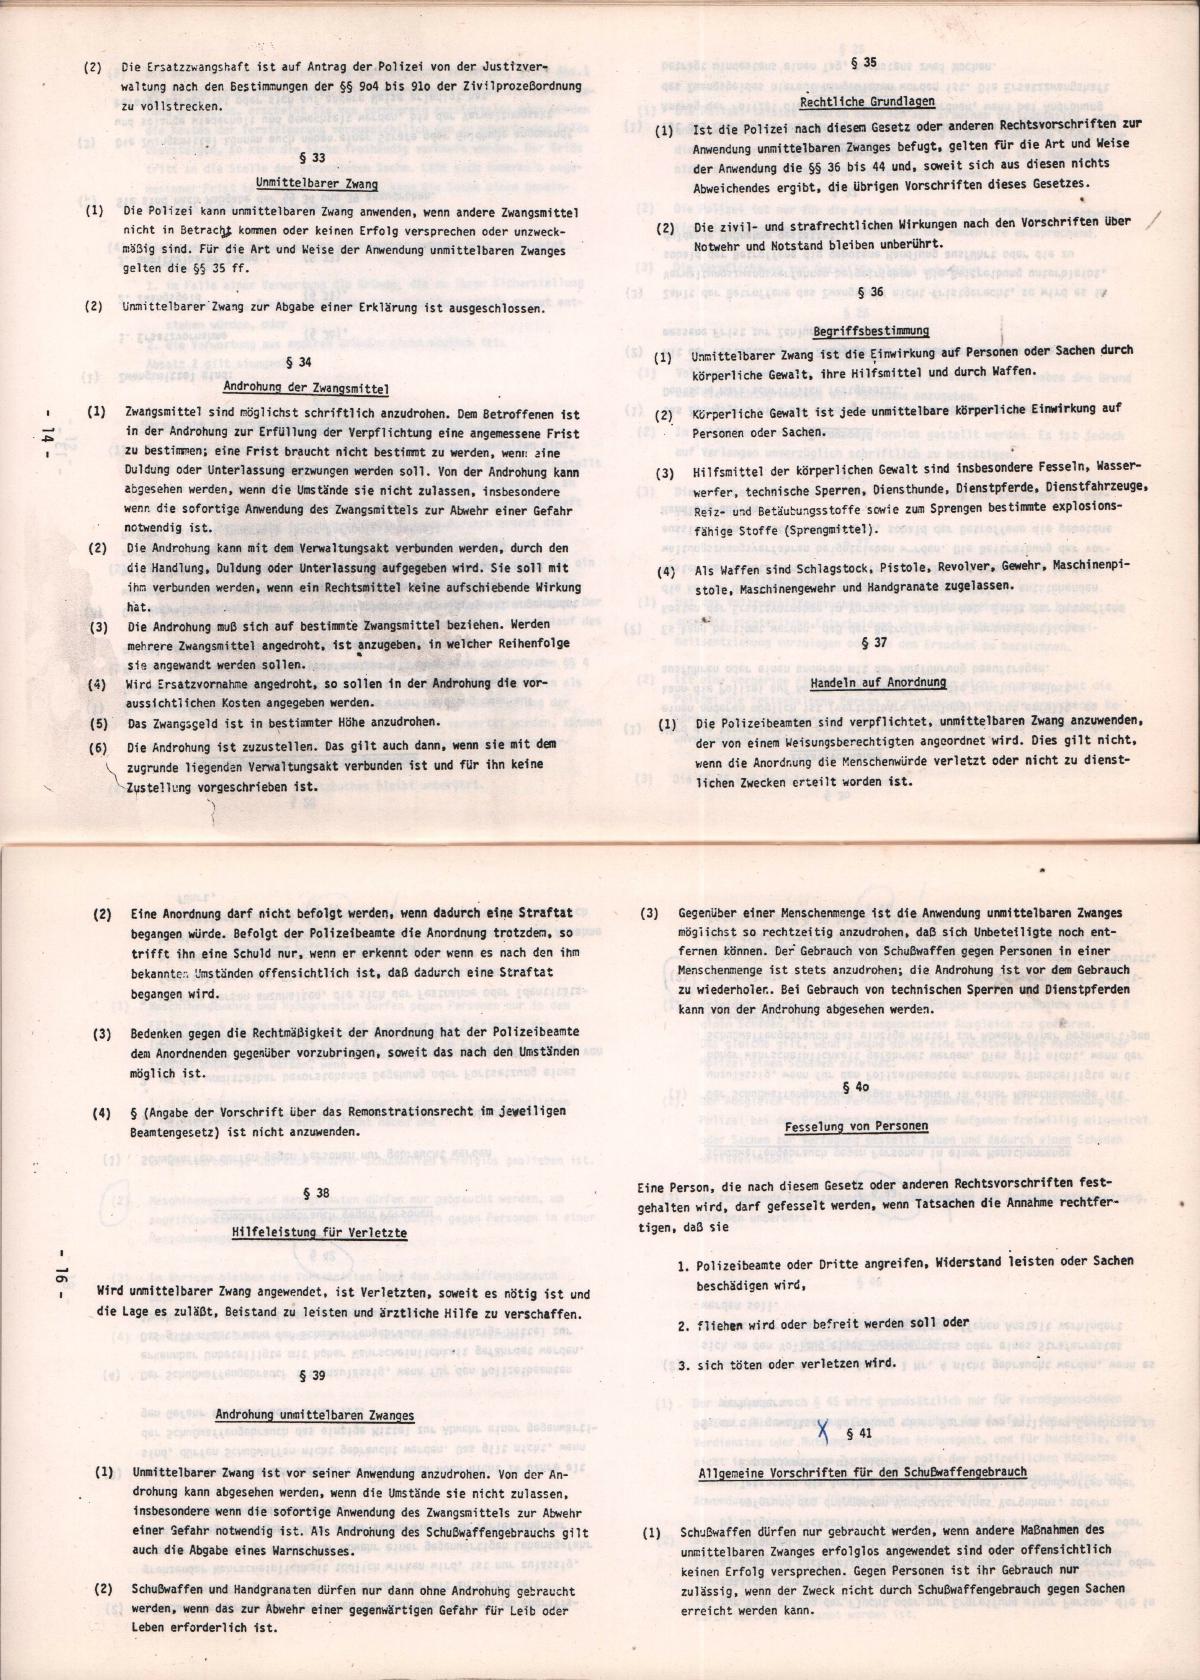 Polizeigesetz063